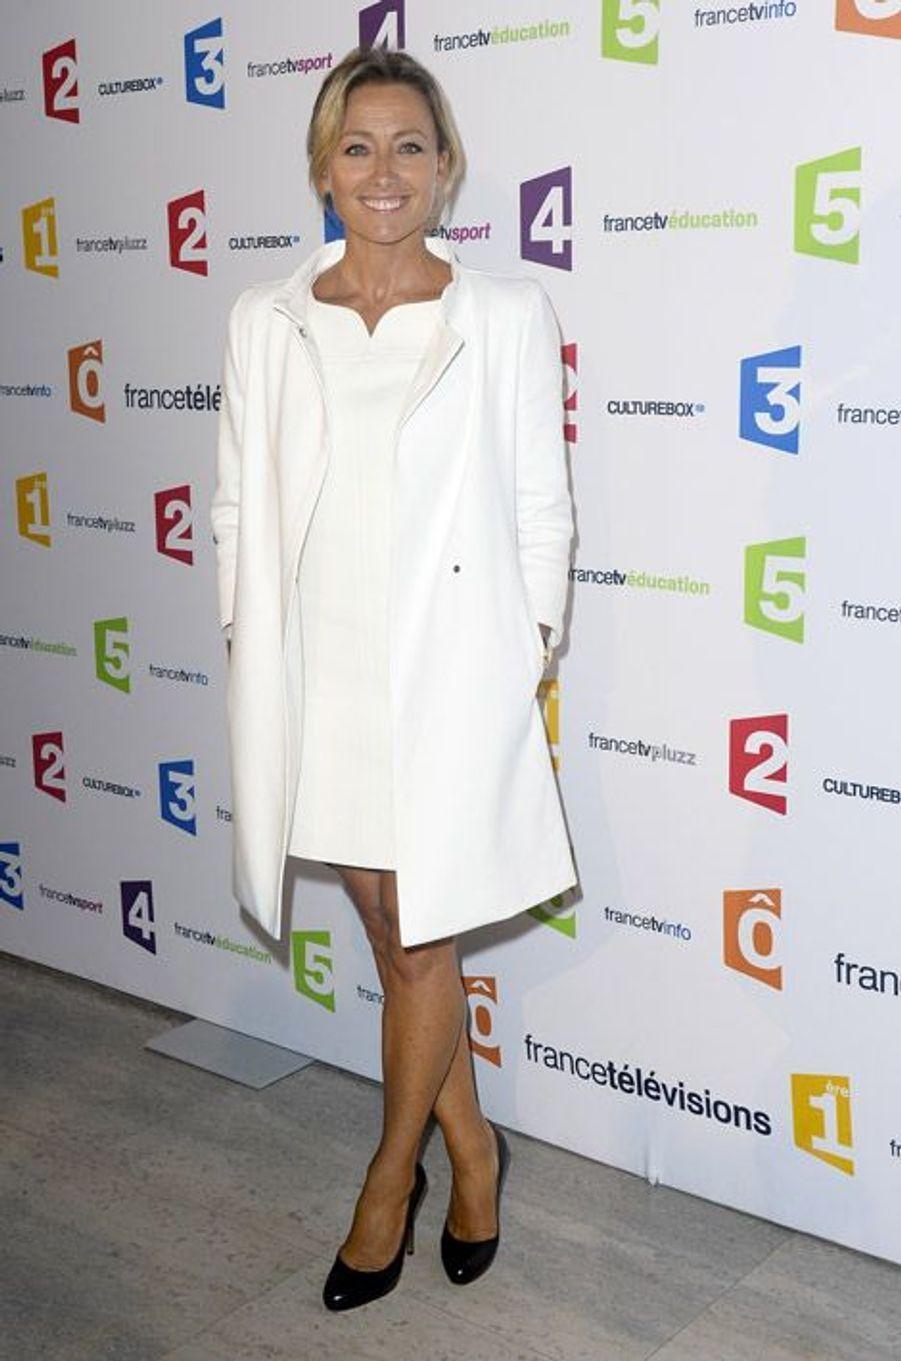 La journaliste Anne-Sophie Lapix, lors de la conférence de rentrée de France Télévisions à Paris, le 29 août 2014